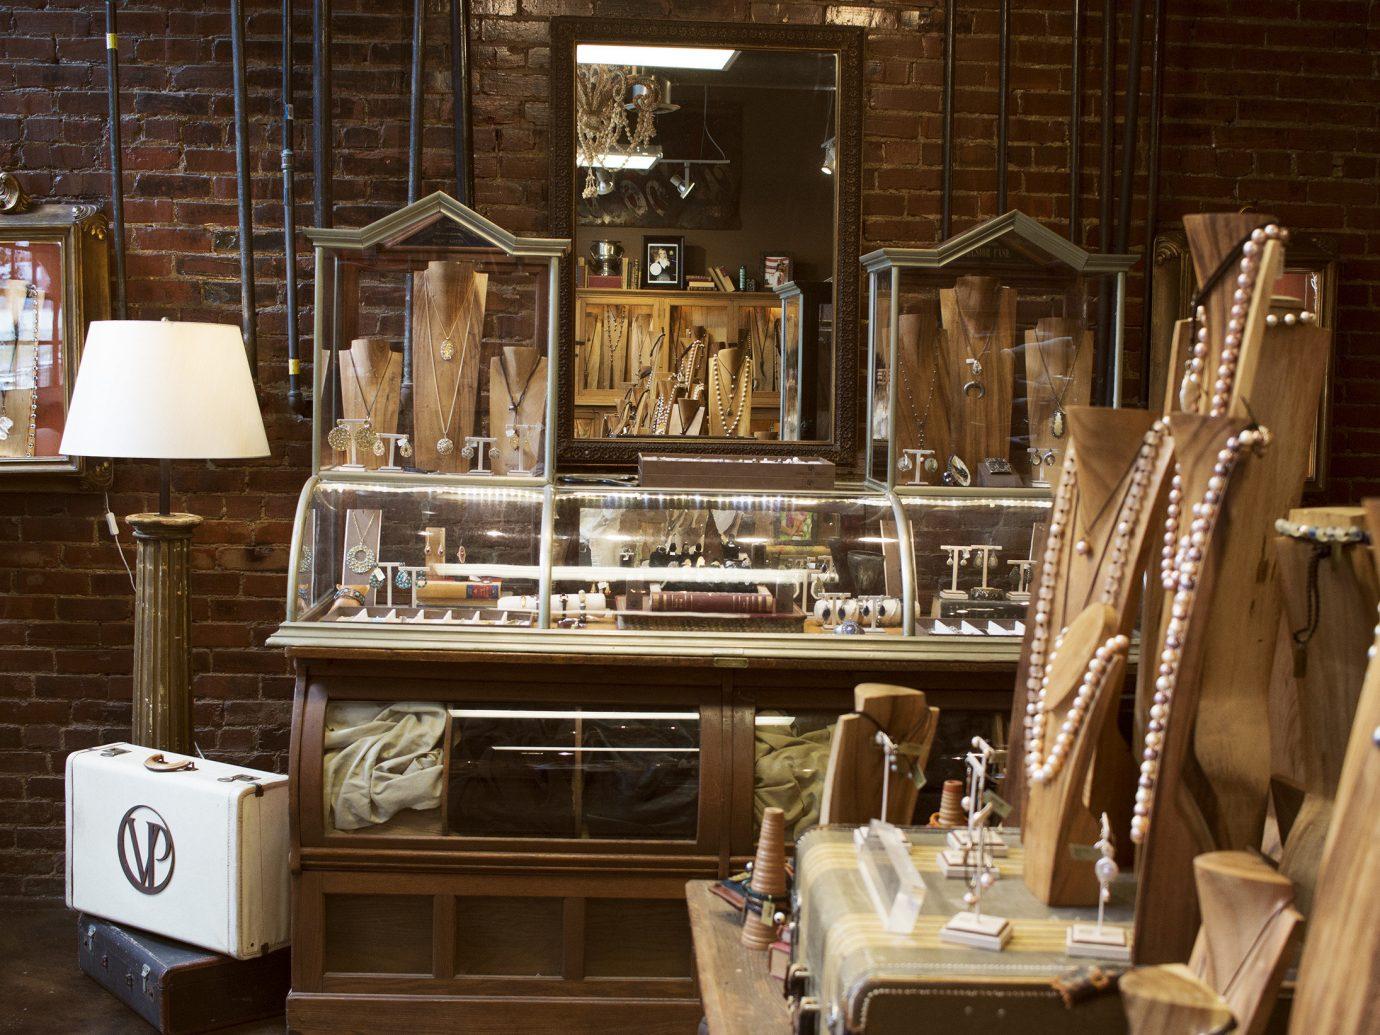 Trip Ideas indoor furniture table interior design antique